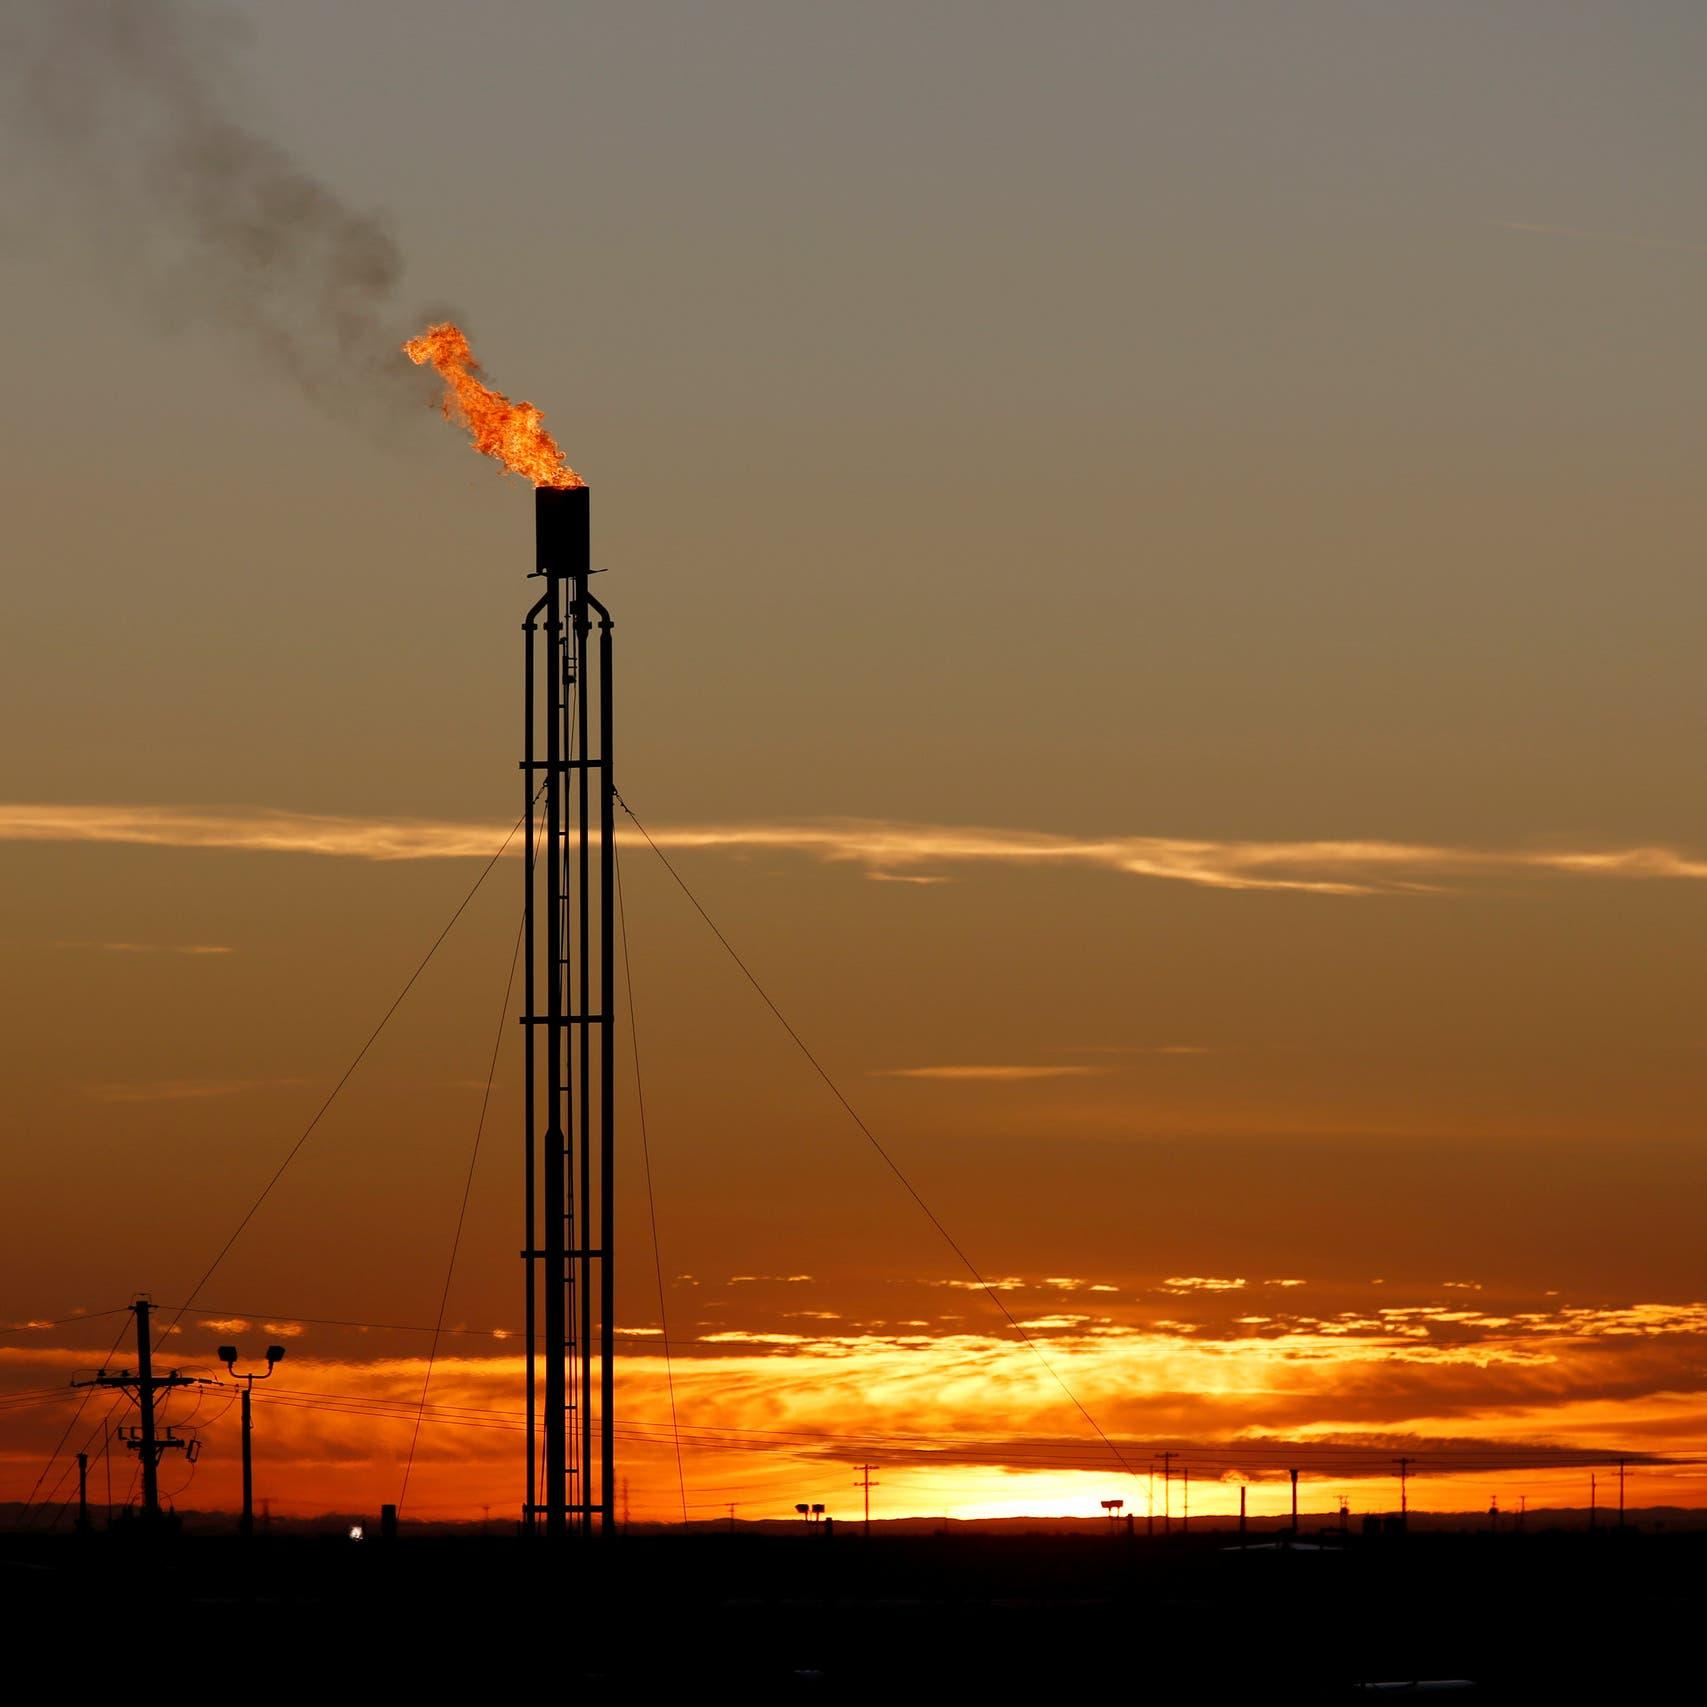 """أزمة الغاز تثير التساؤلات حول """"تحول الطاقة"""" نحو المصادر النظيفة"""